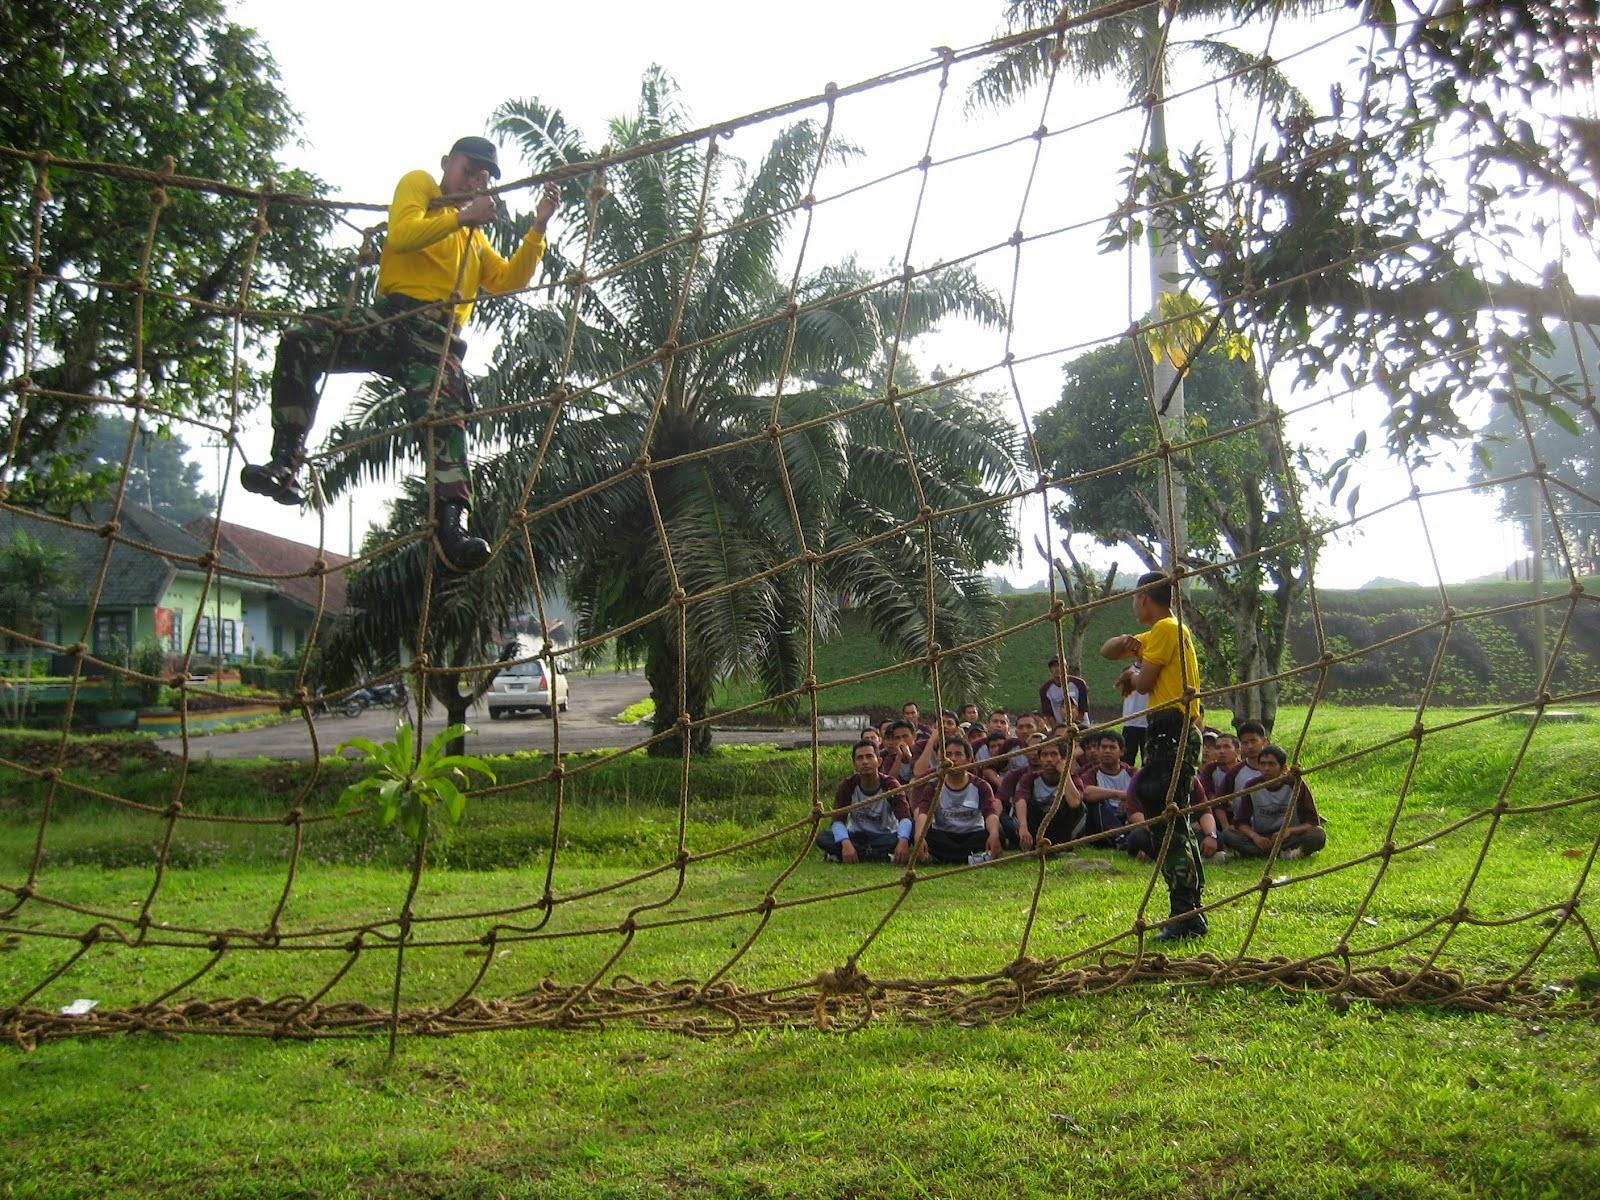 Jasa Outbound Semarang : Permainan Dinding Tali